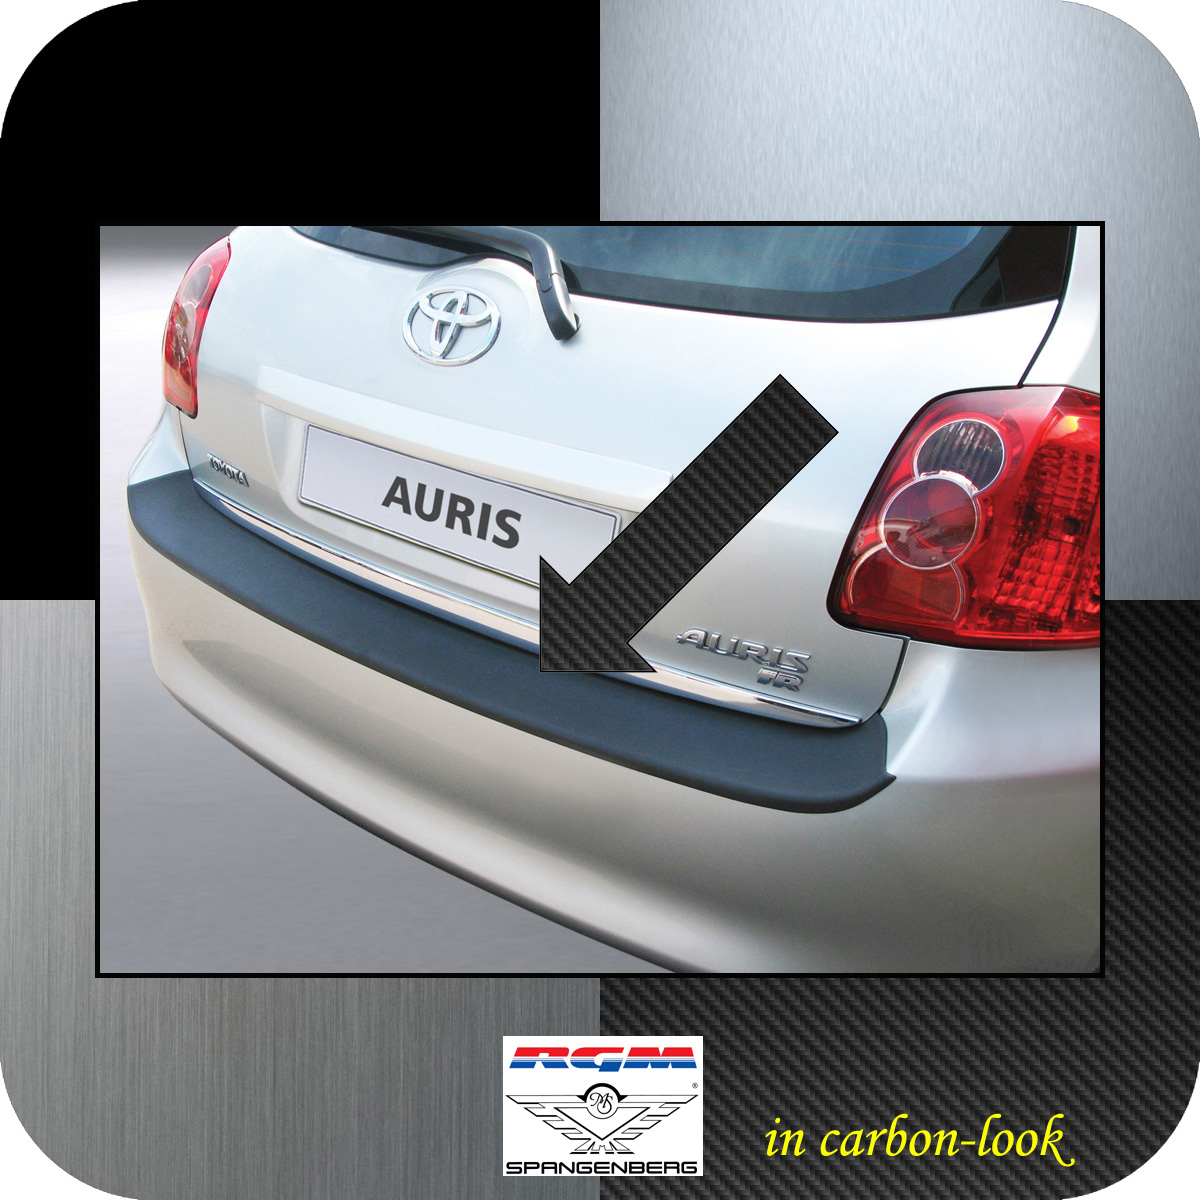 Ladekantenschutz Carbon-Look Toyota Auris I Schrägheck vor Mopf 2006-10 3509264